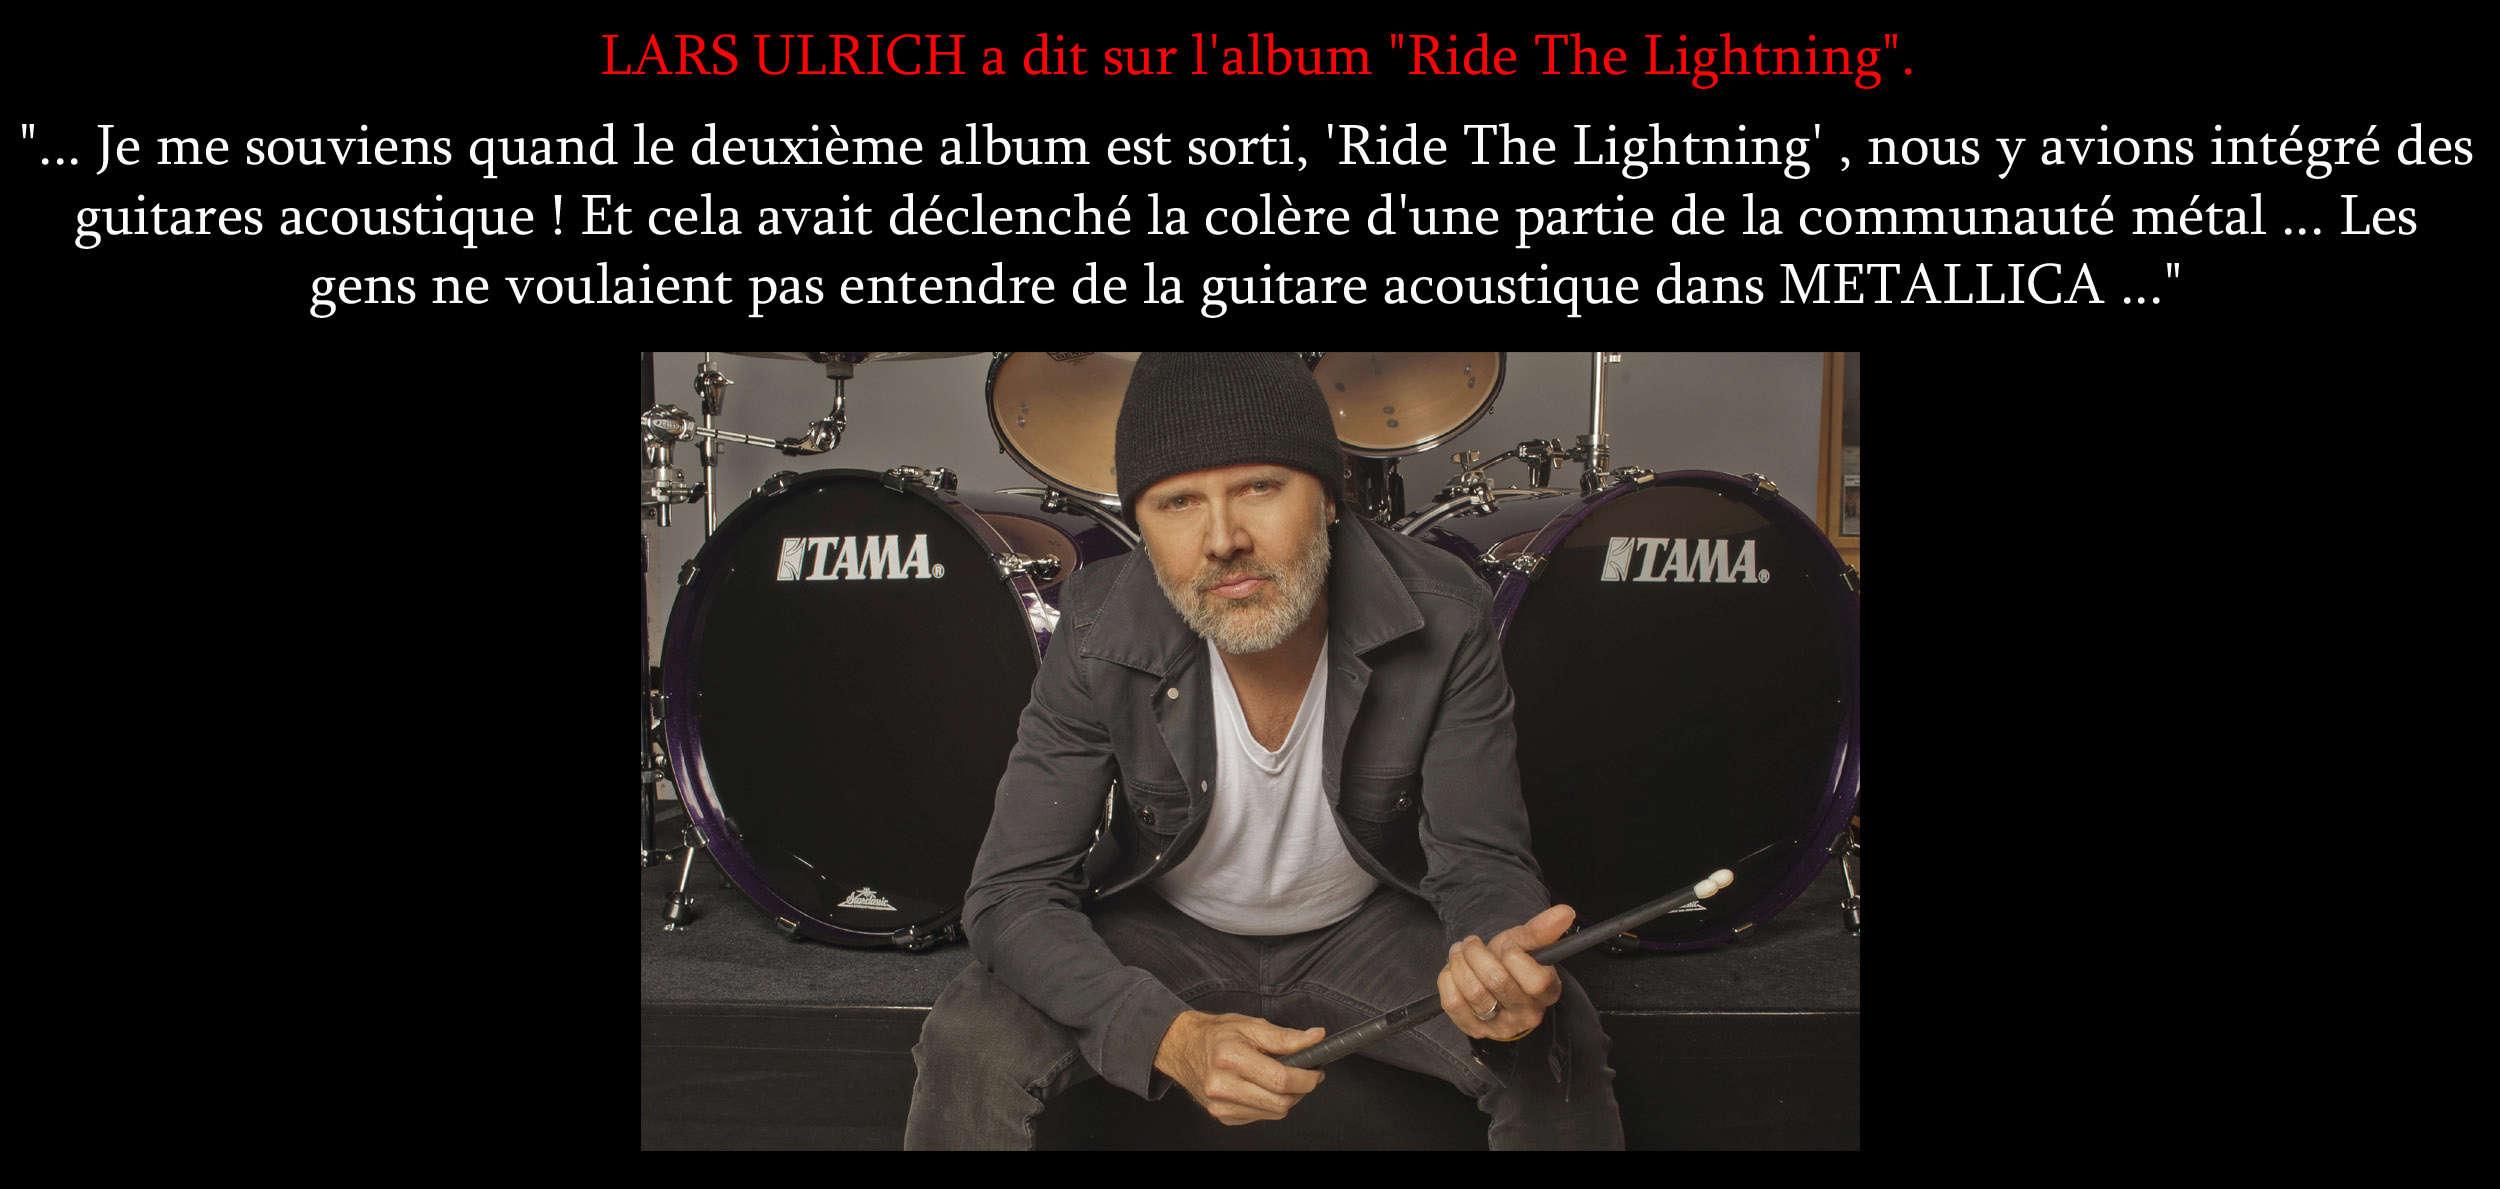 """LARS ULRICH a dit ... sur l'album """"Ride the Lightning"""" Sans_t37"""